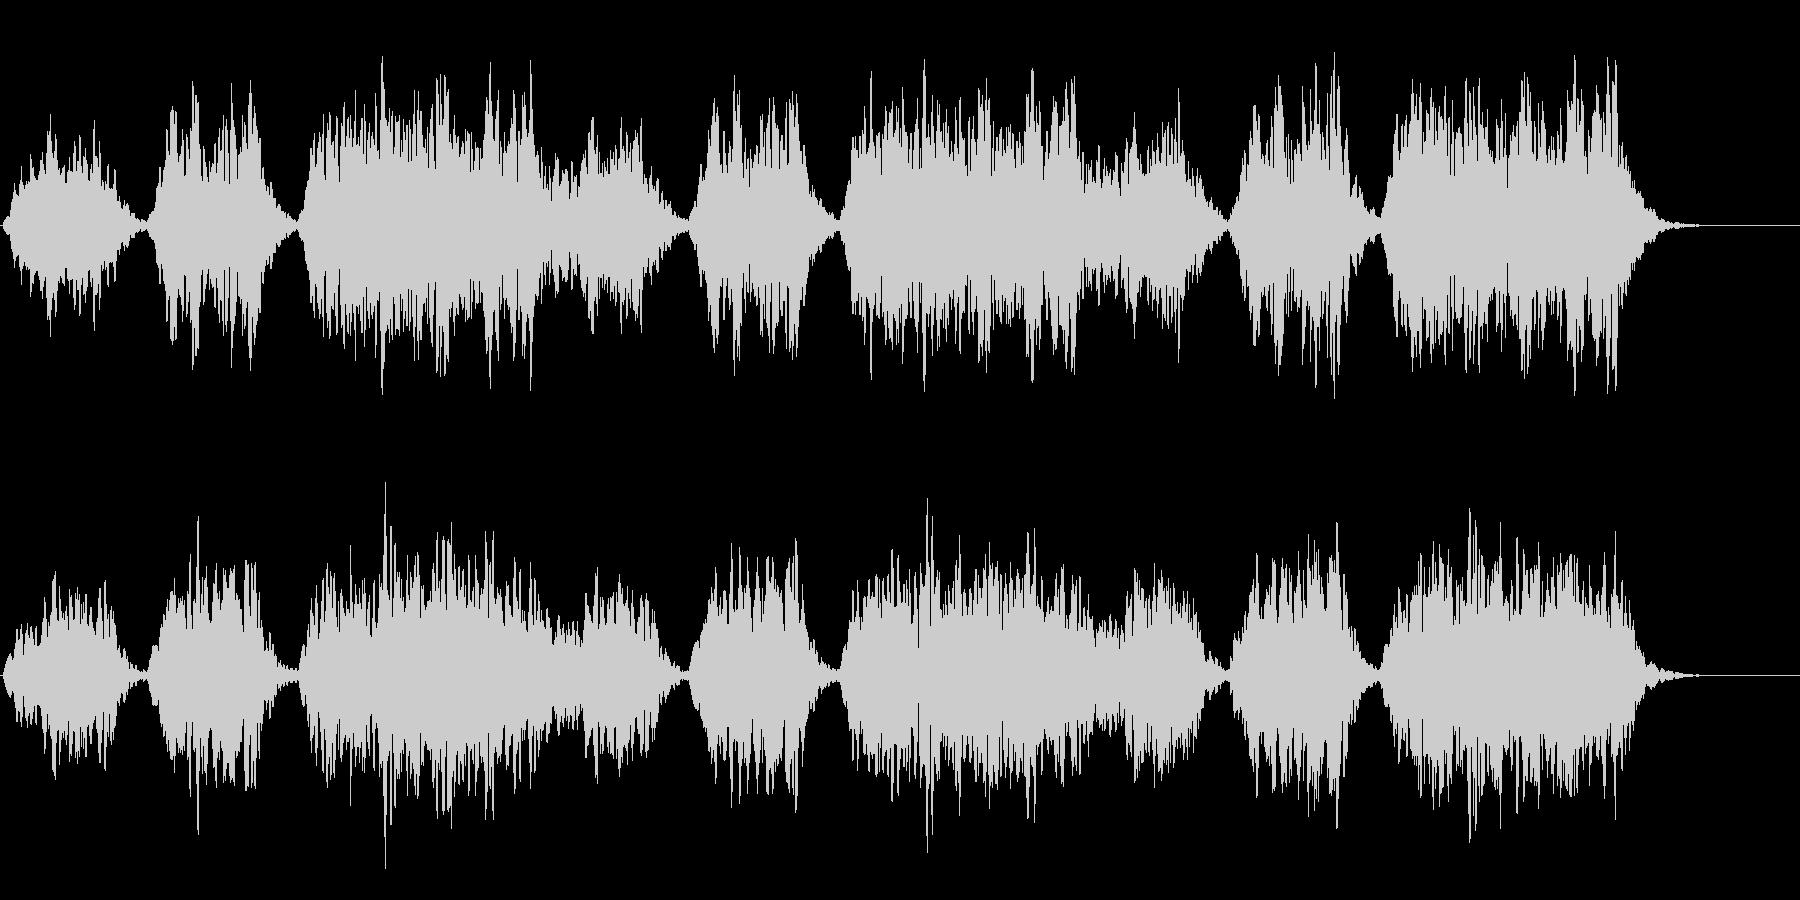 映像向けのパッド系BGMの未再生の波形